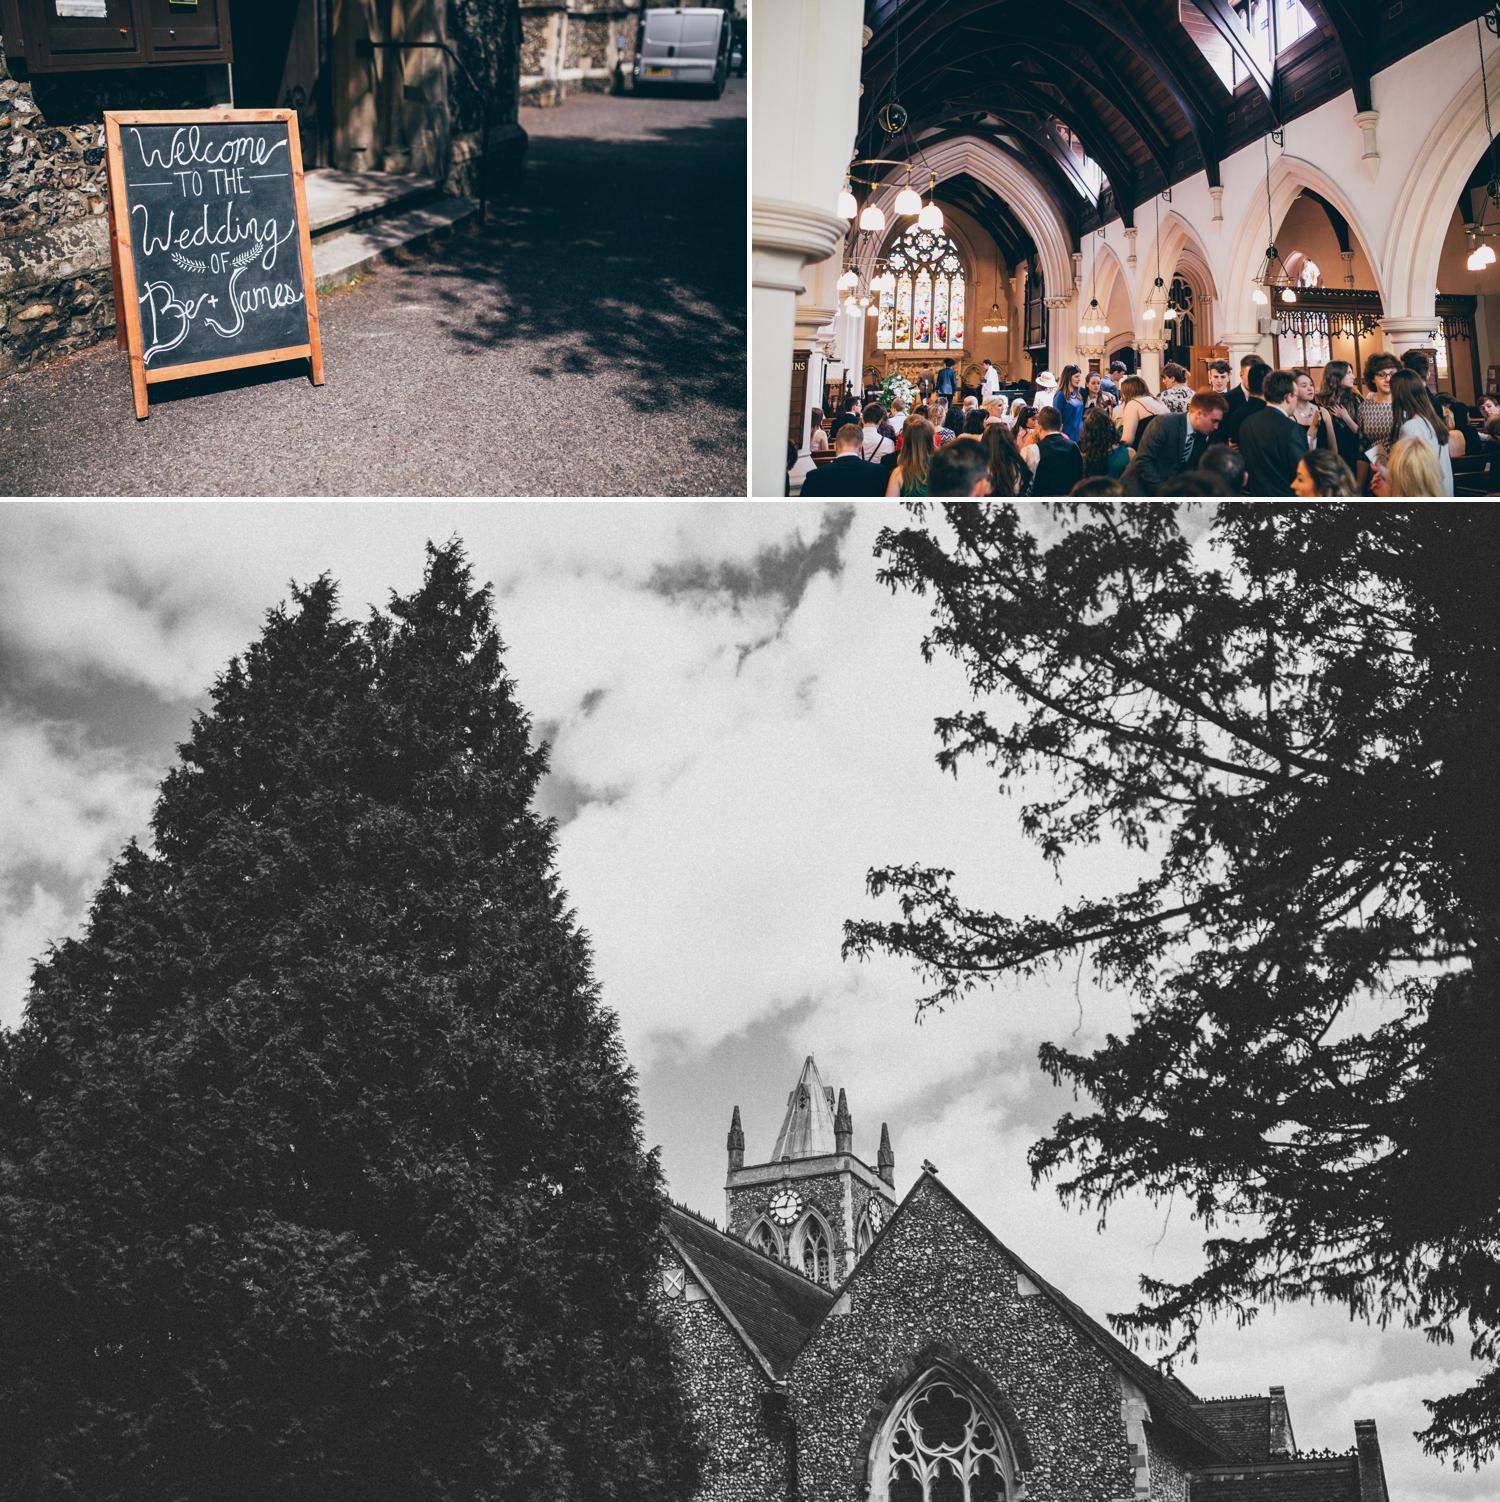 105-hertfordshire-wedding-photography.jpg